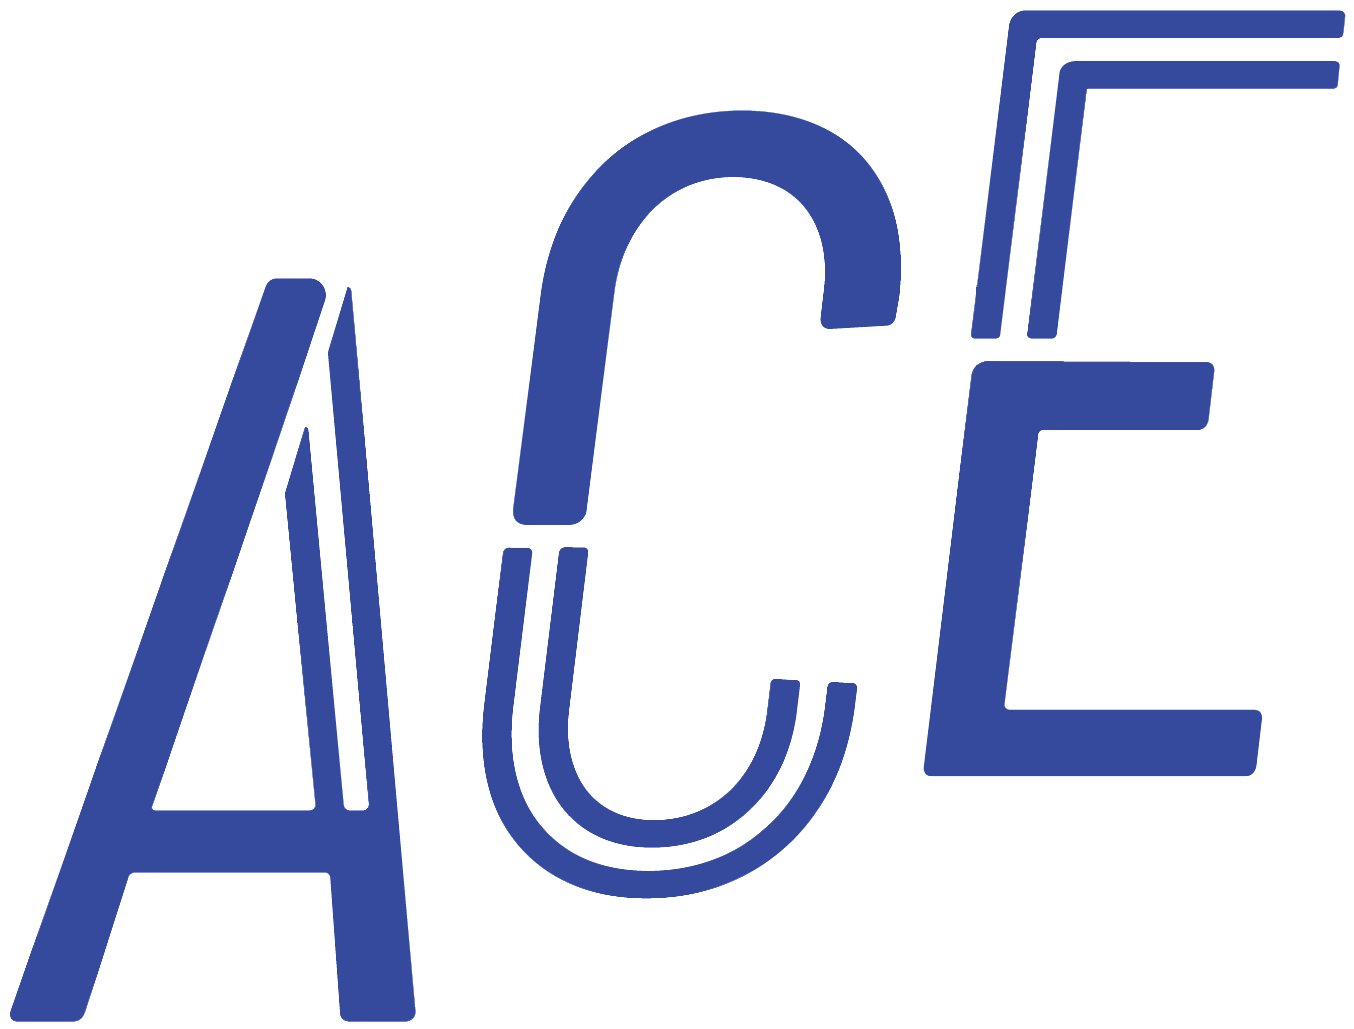 ACE HSC